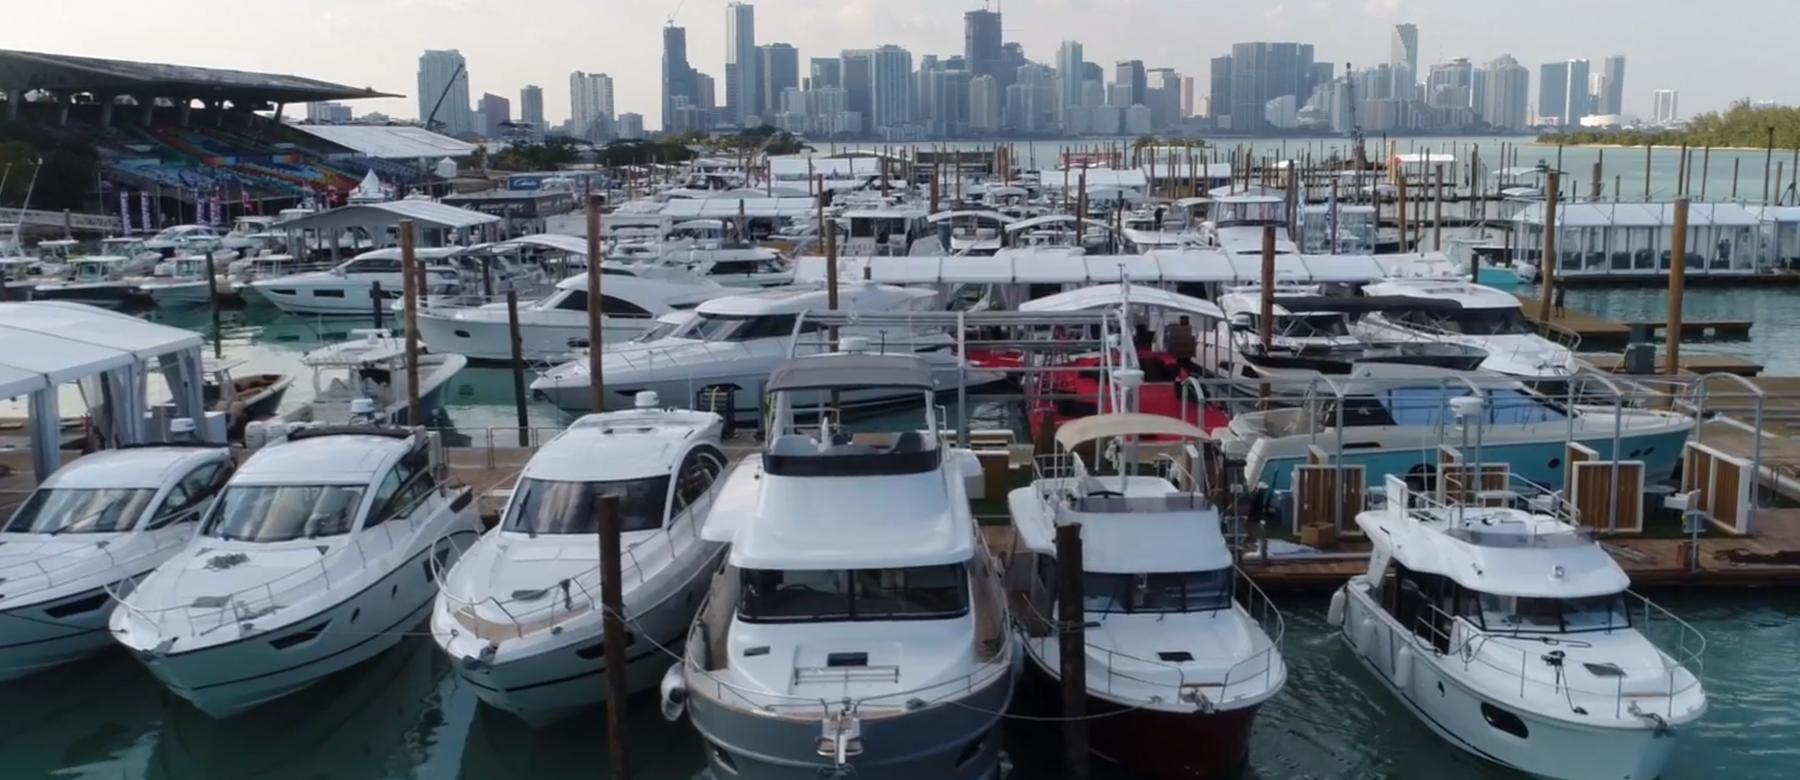 Miami Boat Show Marine Stadium